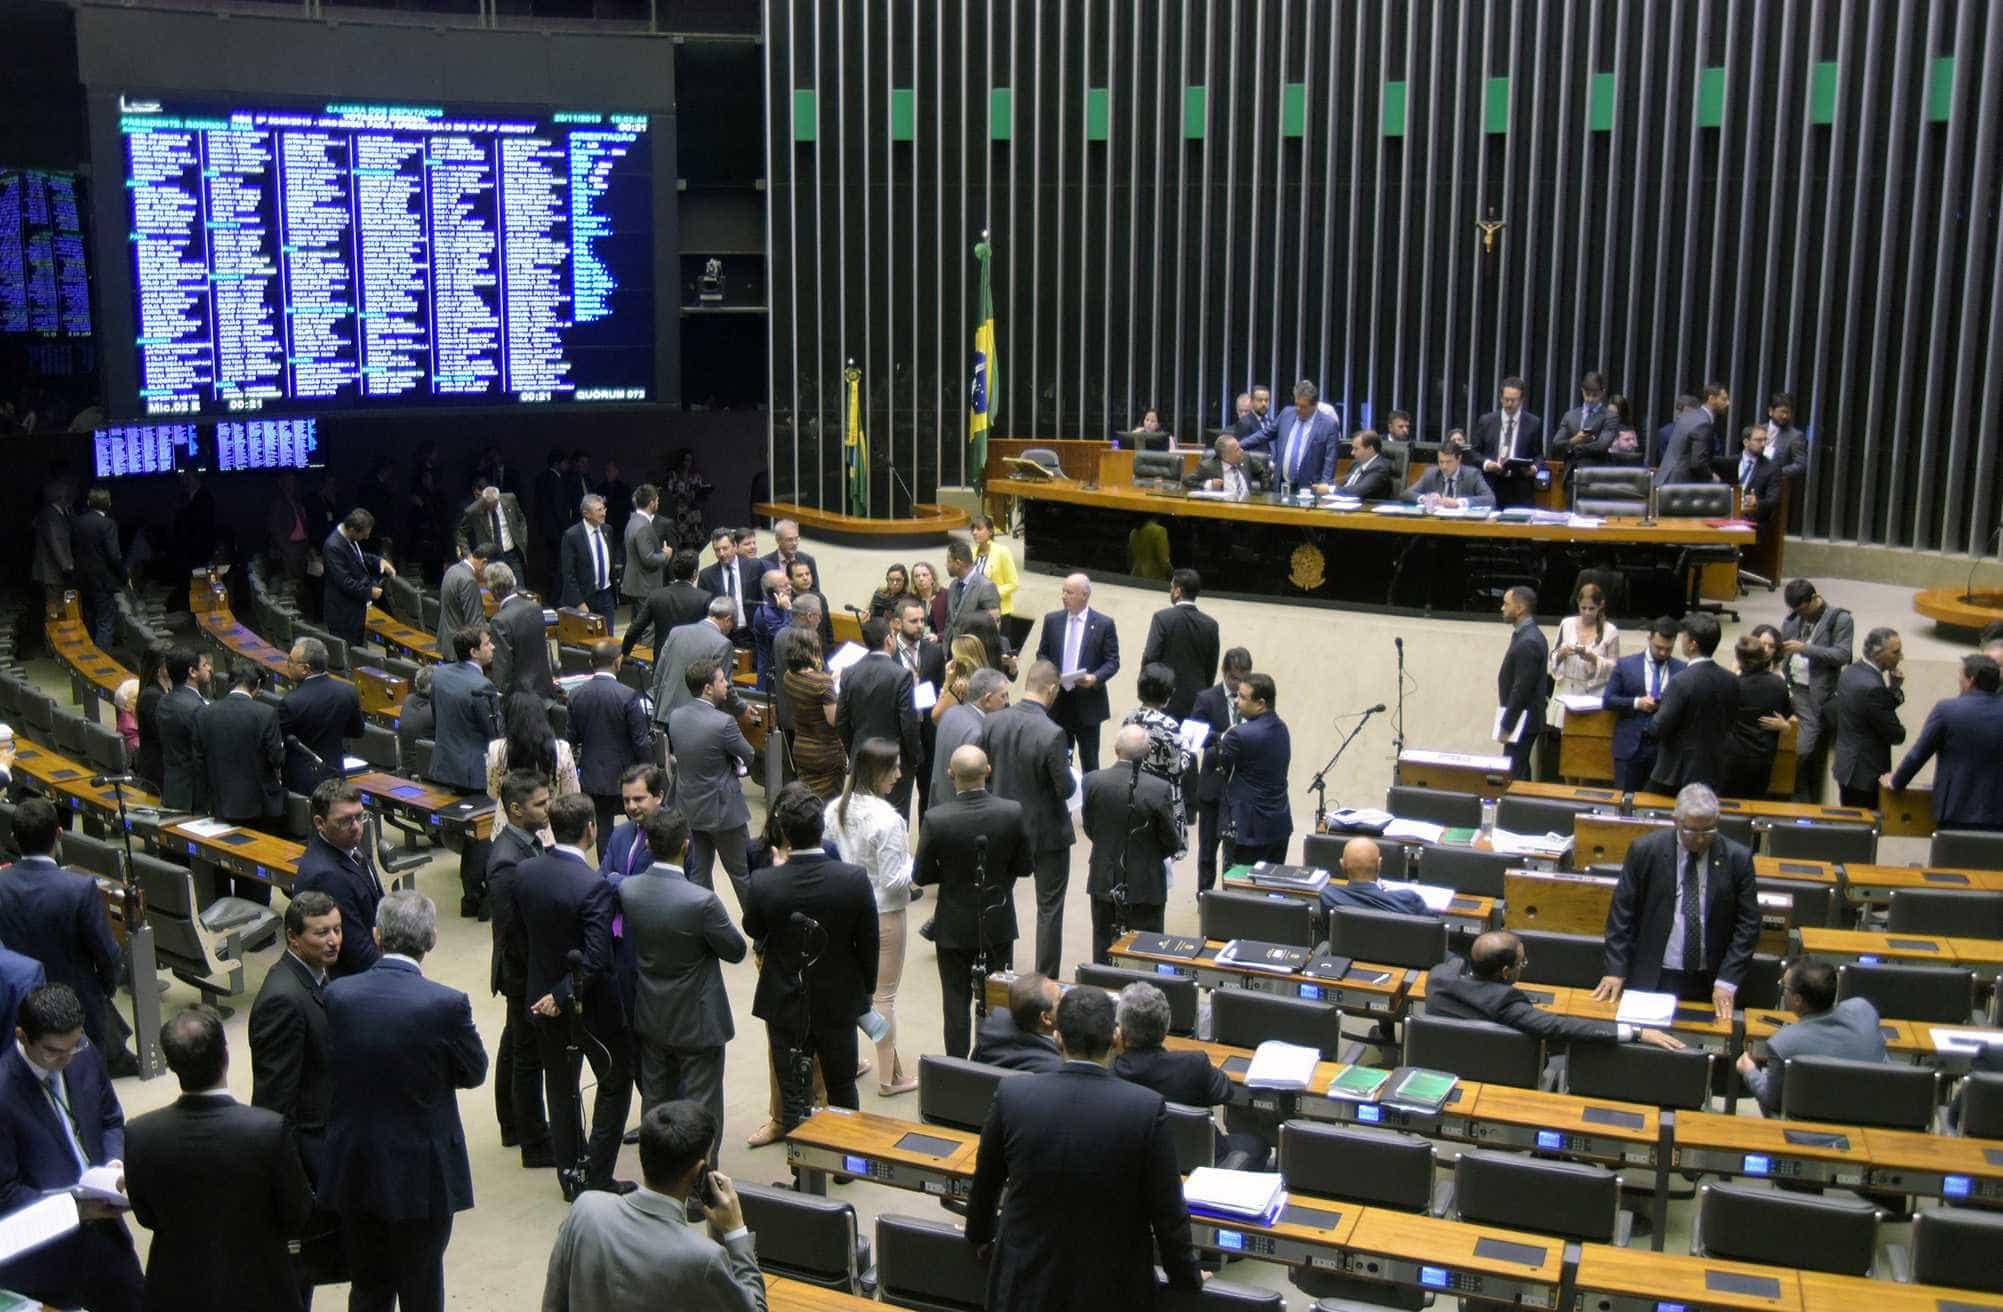 Câmara aprova MP que destina fundos de loterias à segurança pública